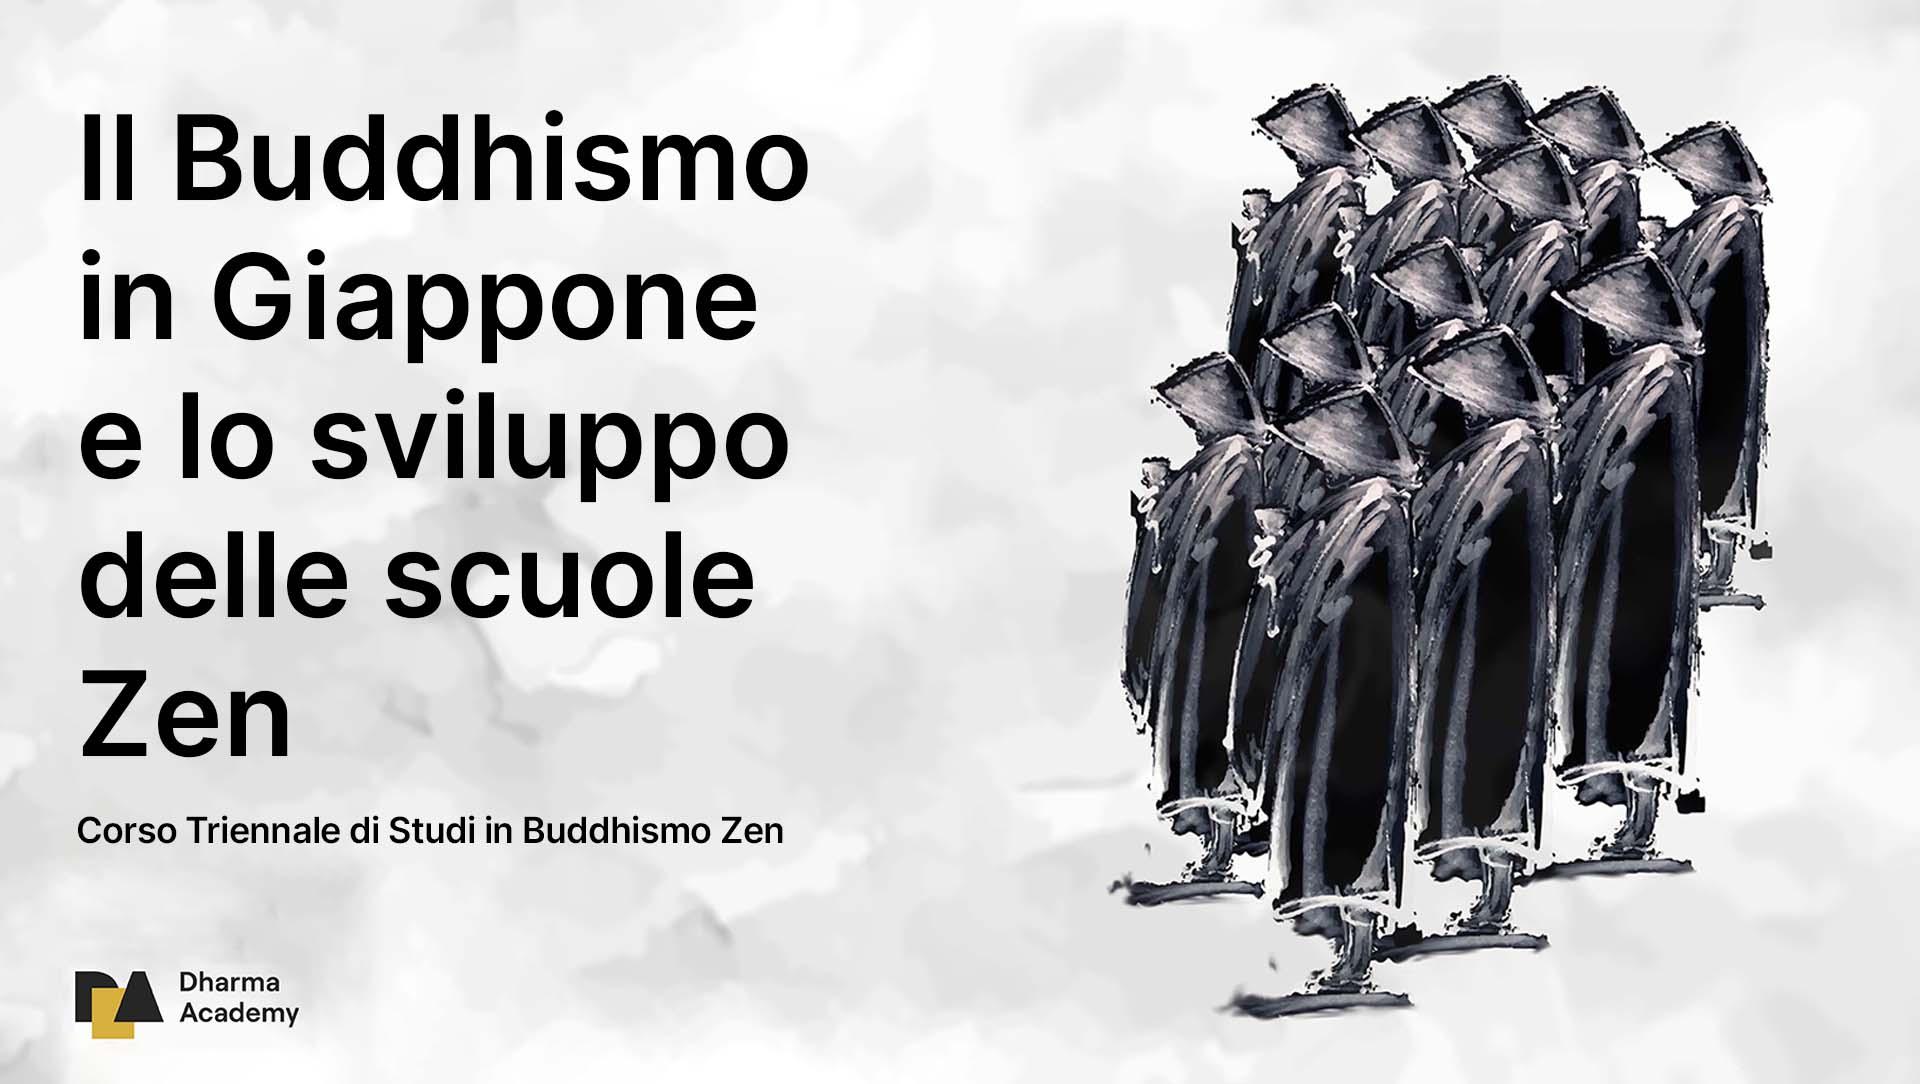 Buddhismo Zen e scuole in Giappone